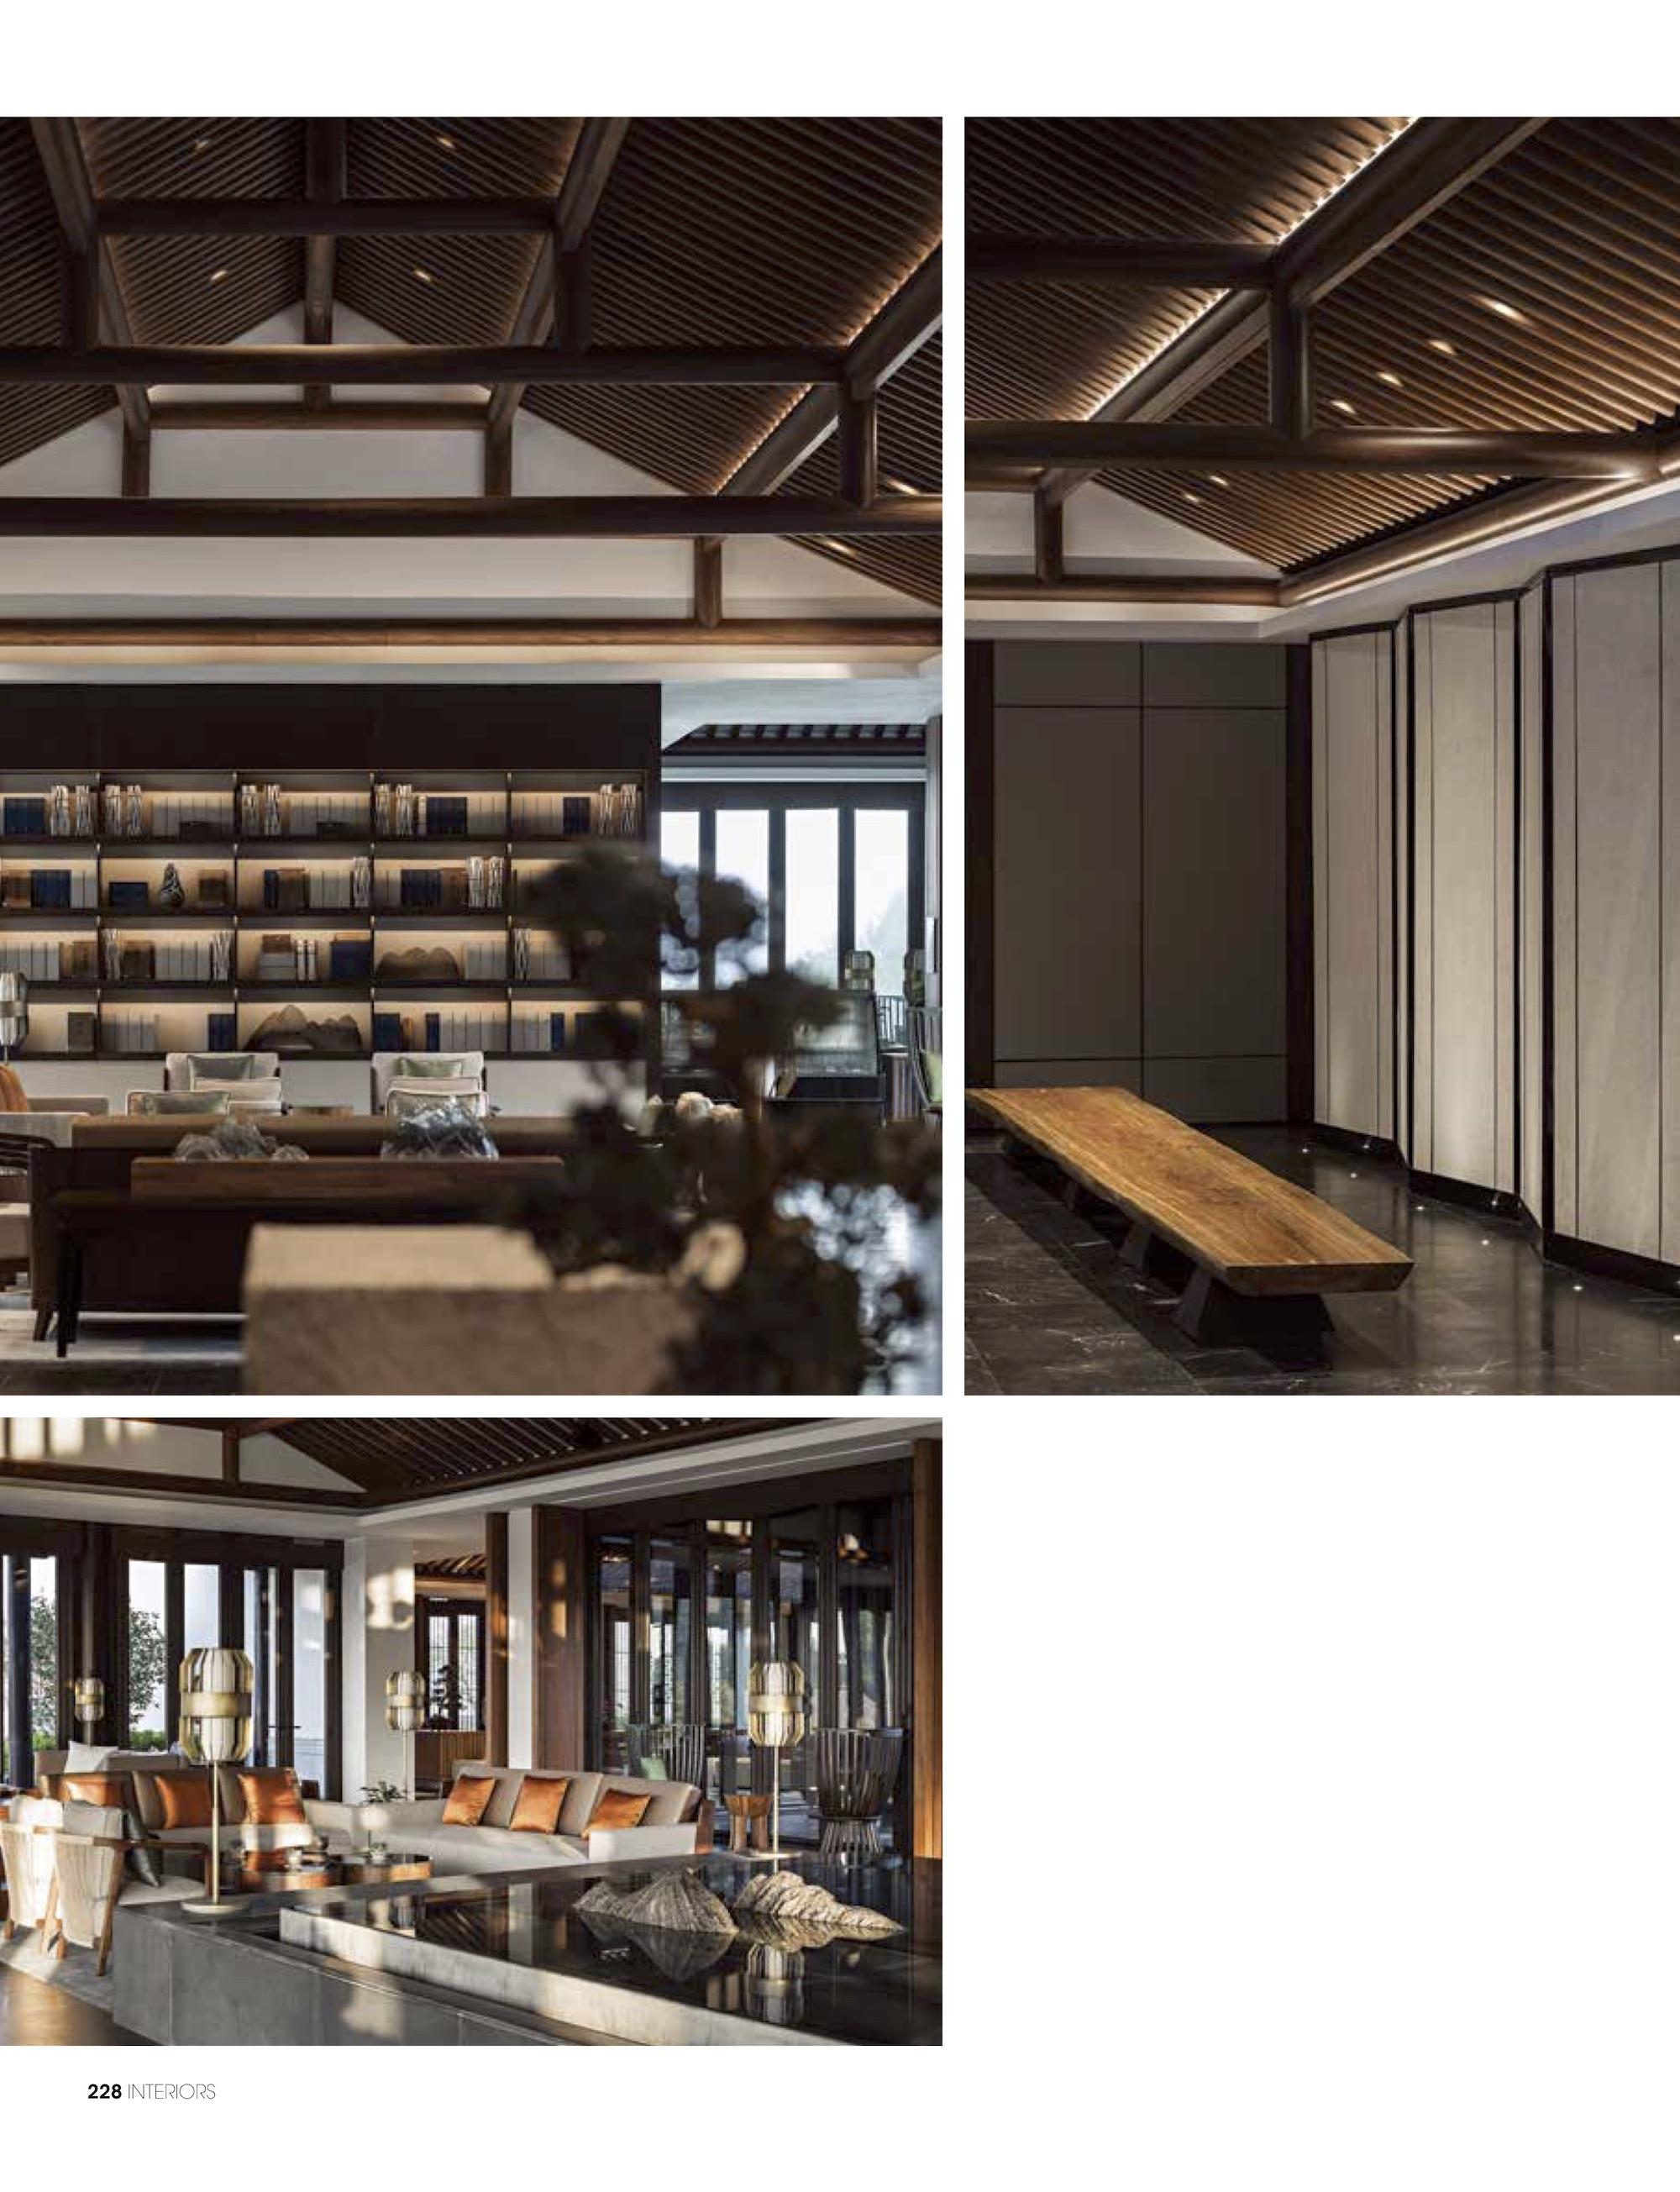 201812 韩国Interiors 安吉悦榕庄度假酒店 5.jpg